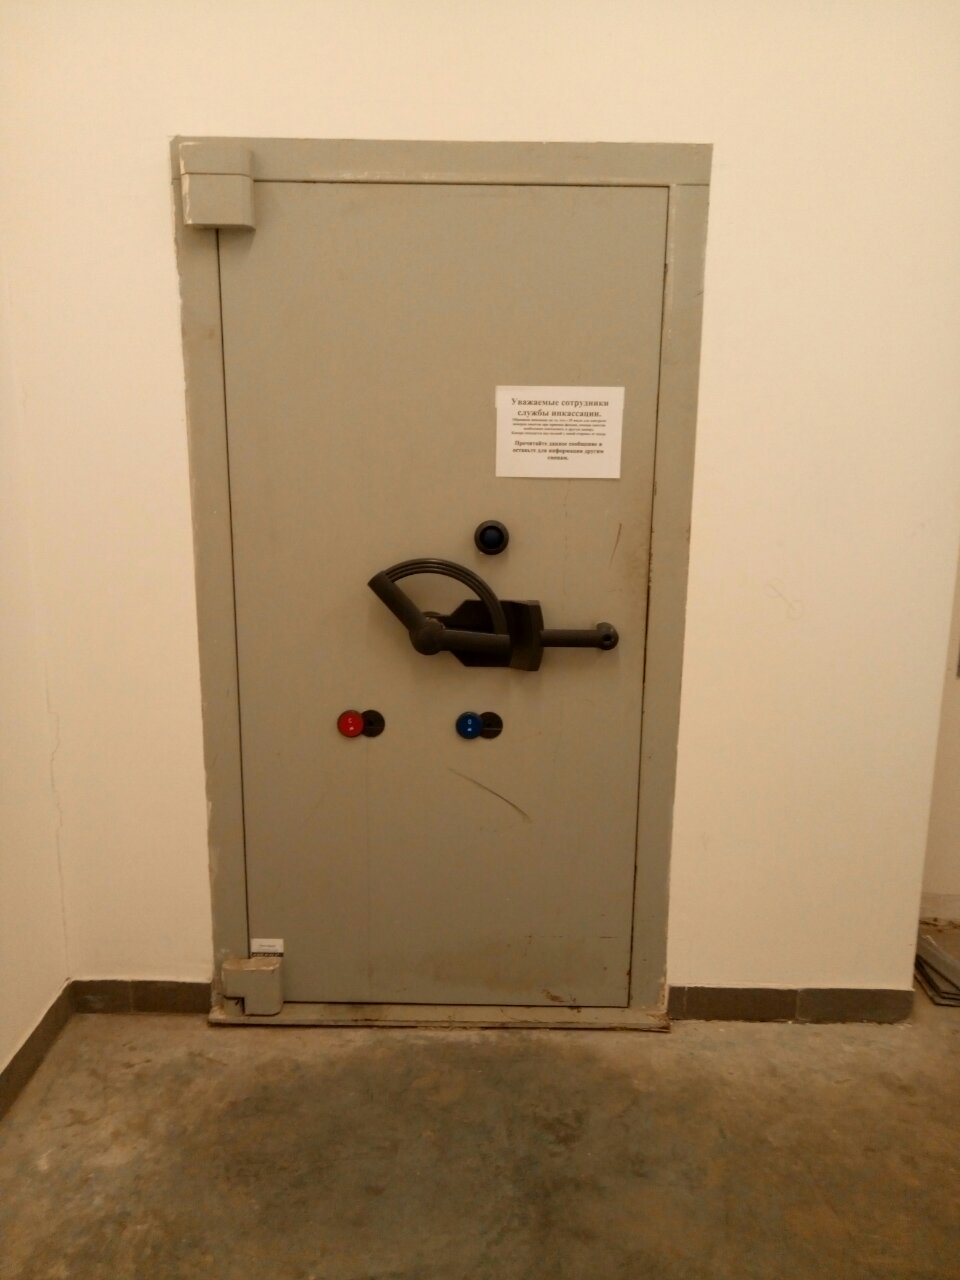 Как происходит вскрытие замка сейфа. Выбор компании в Магнитогорске.